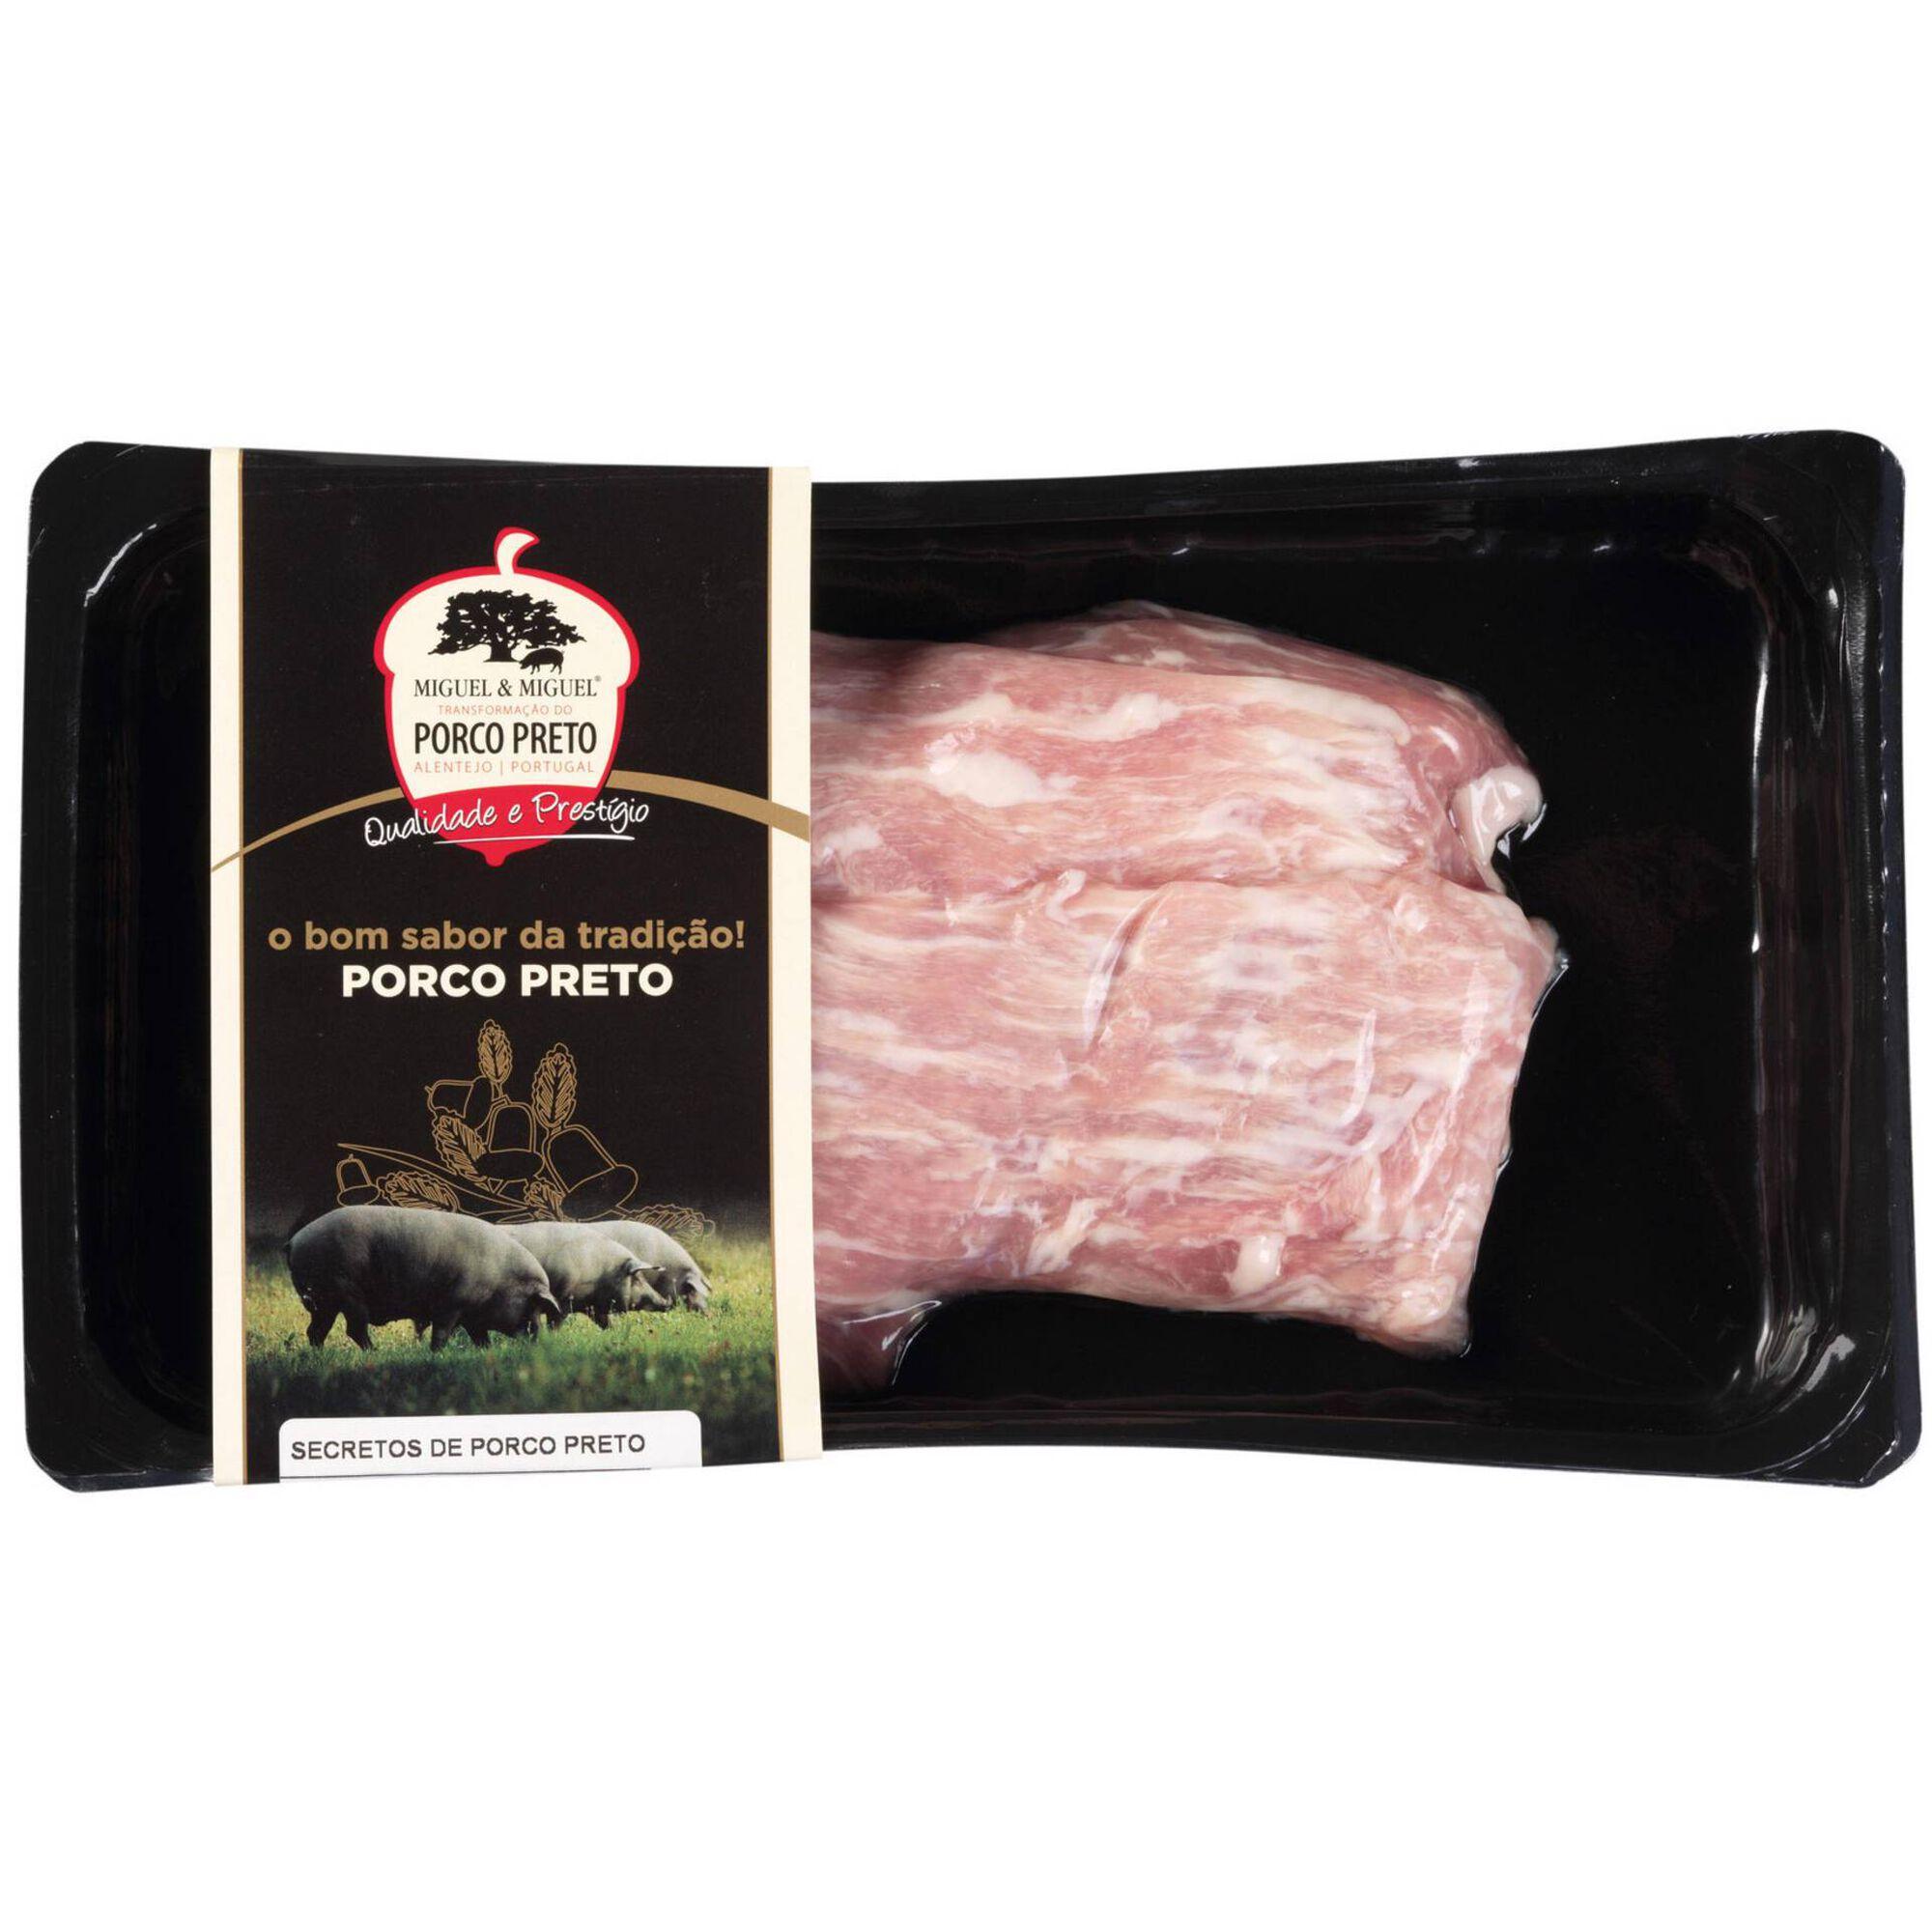 Secretos de Porco Preto